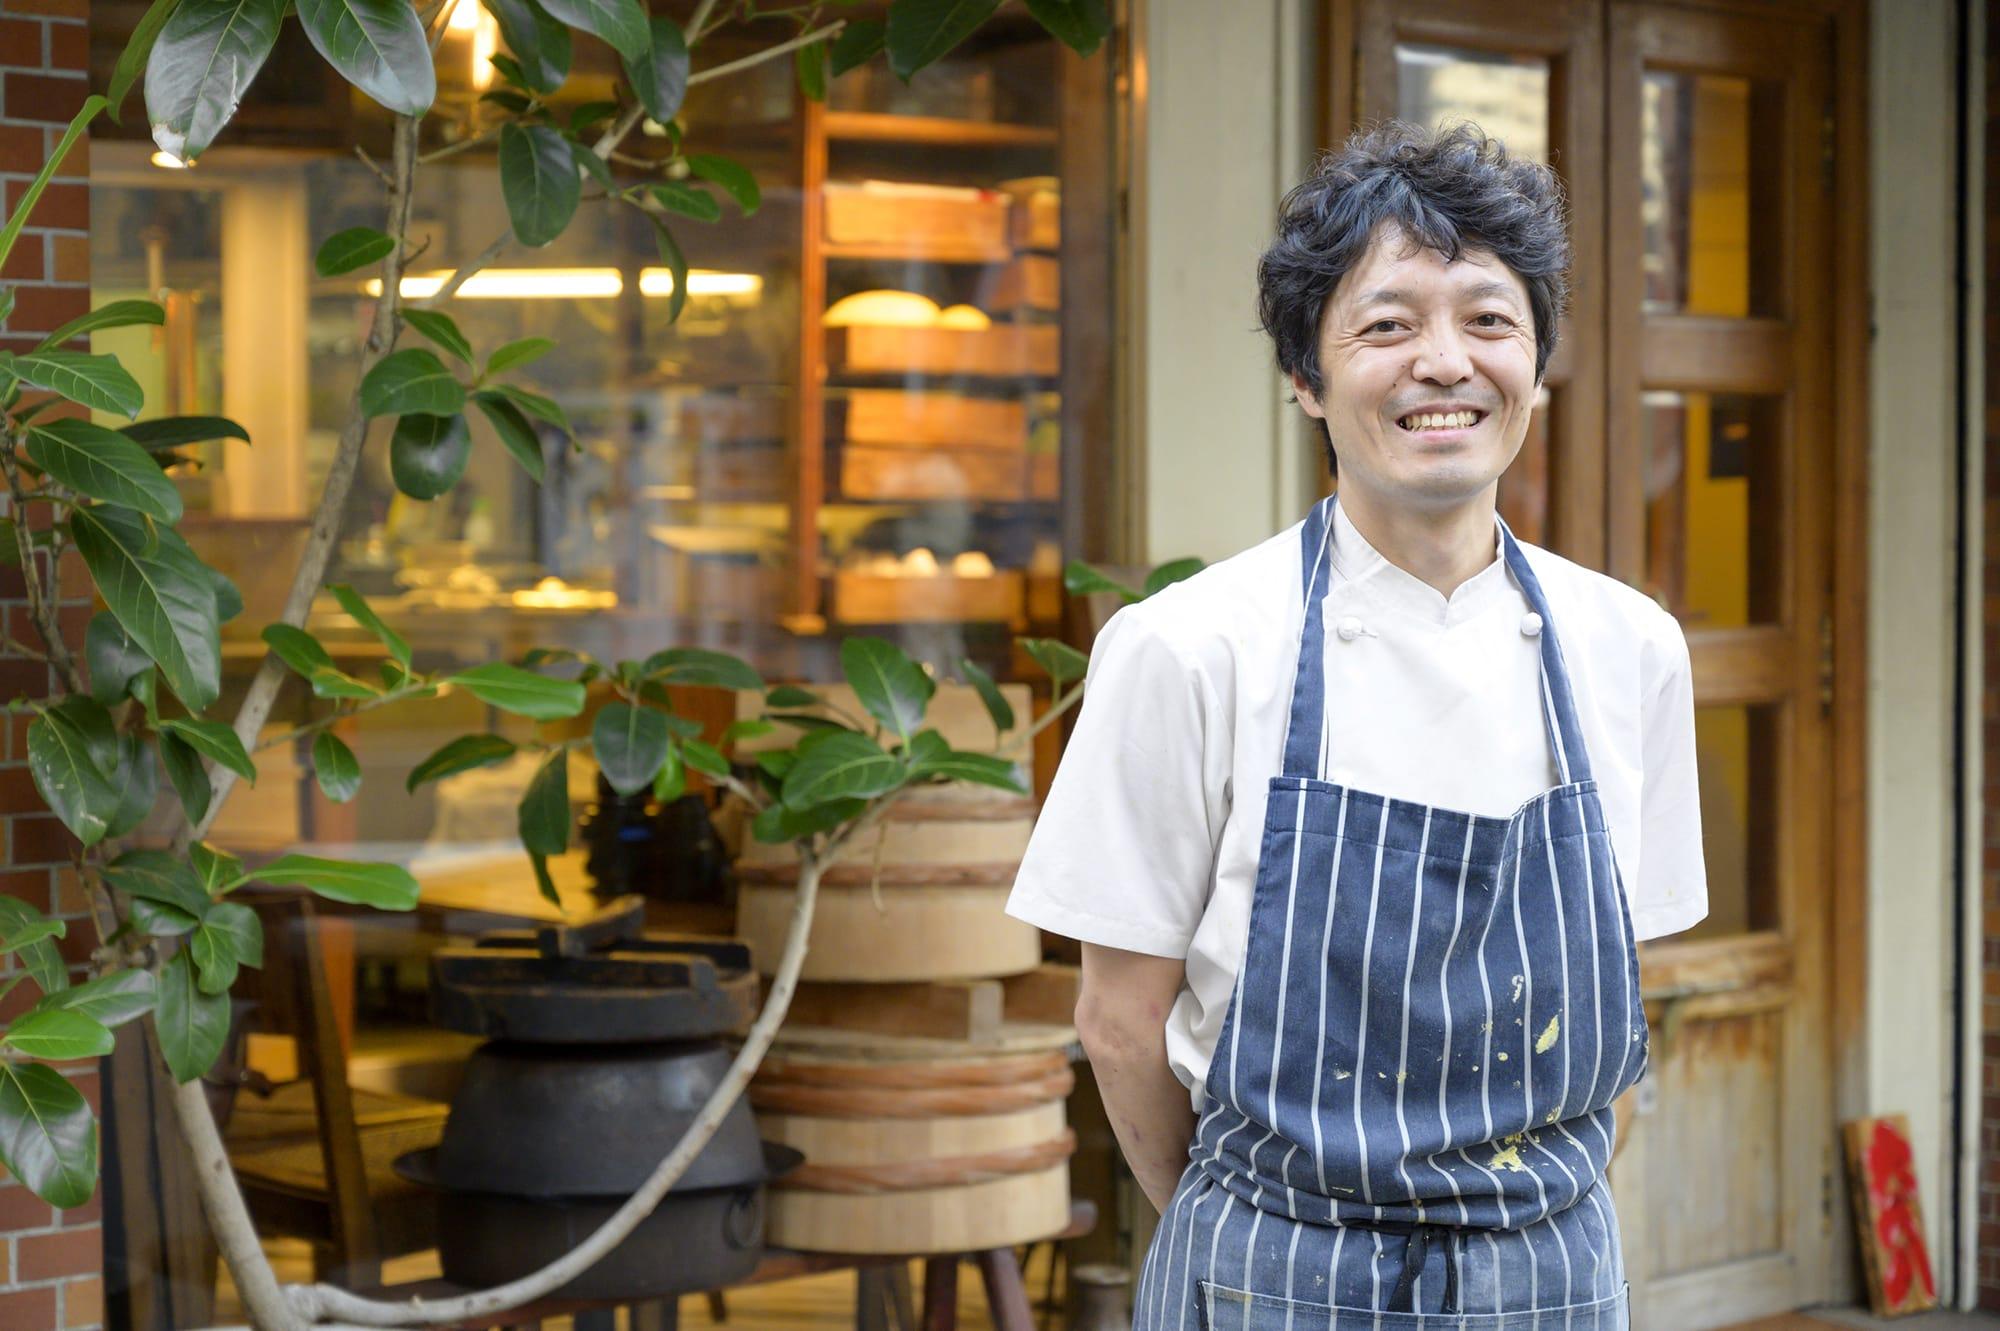 シェフの村上秀貴氏は、素晴らしい食材を求めて生産者を訪ねる旅を続けている。